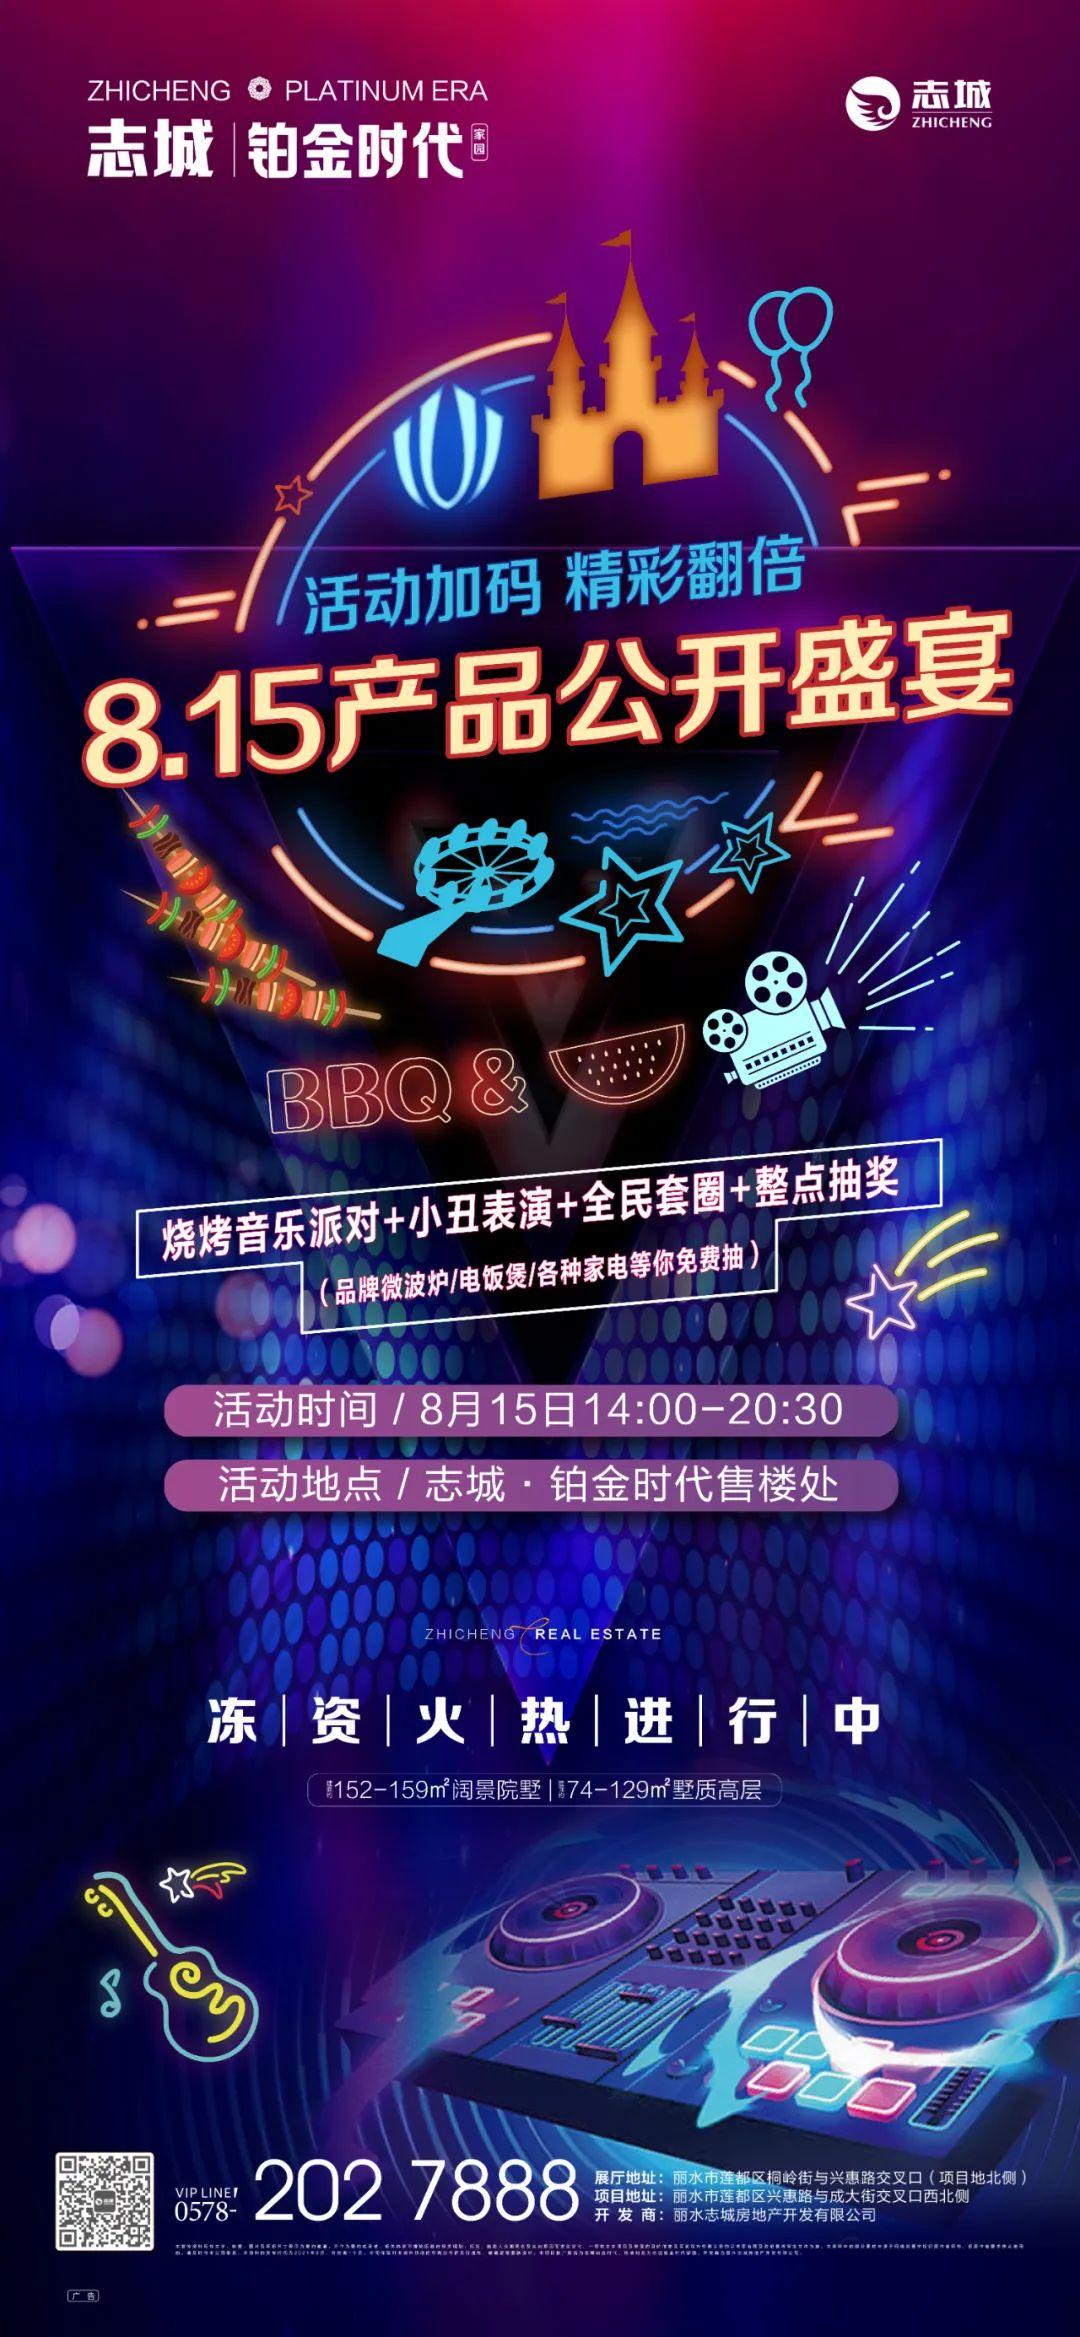 志城·铂金时代8.15产品震撼公开,烧烤美食、免费抽奖,全城邀约进行中!